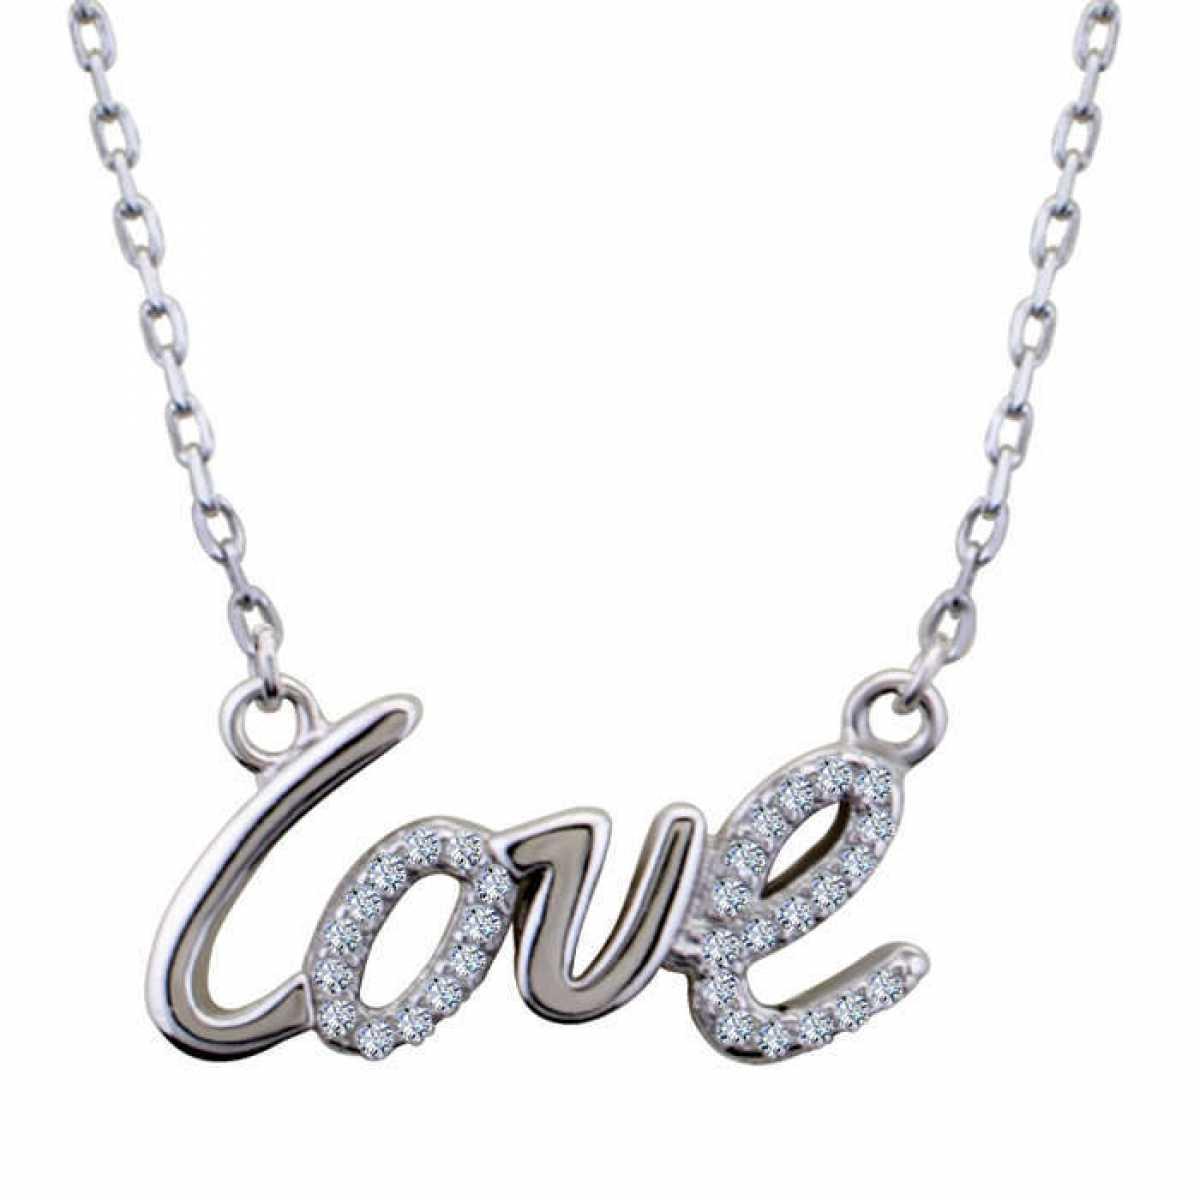 Delicate Love Diamond Chain